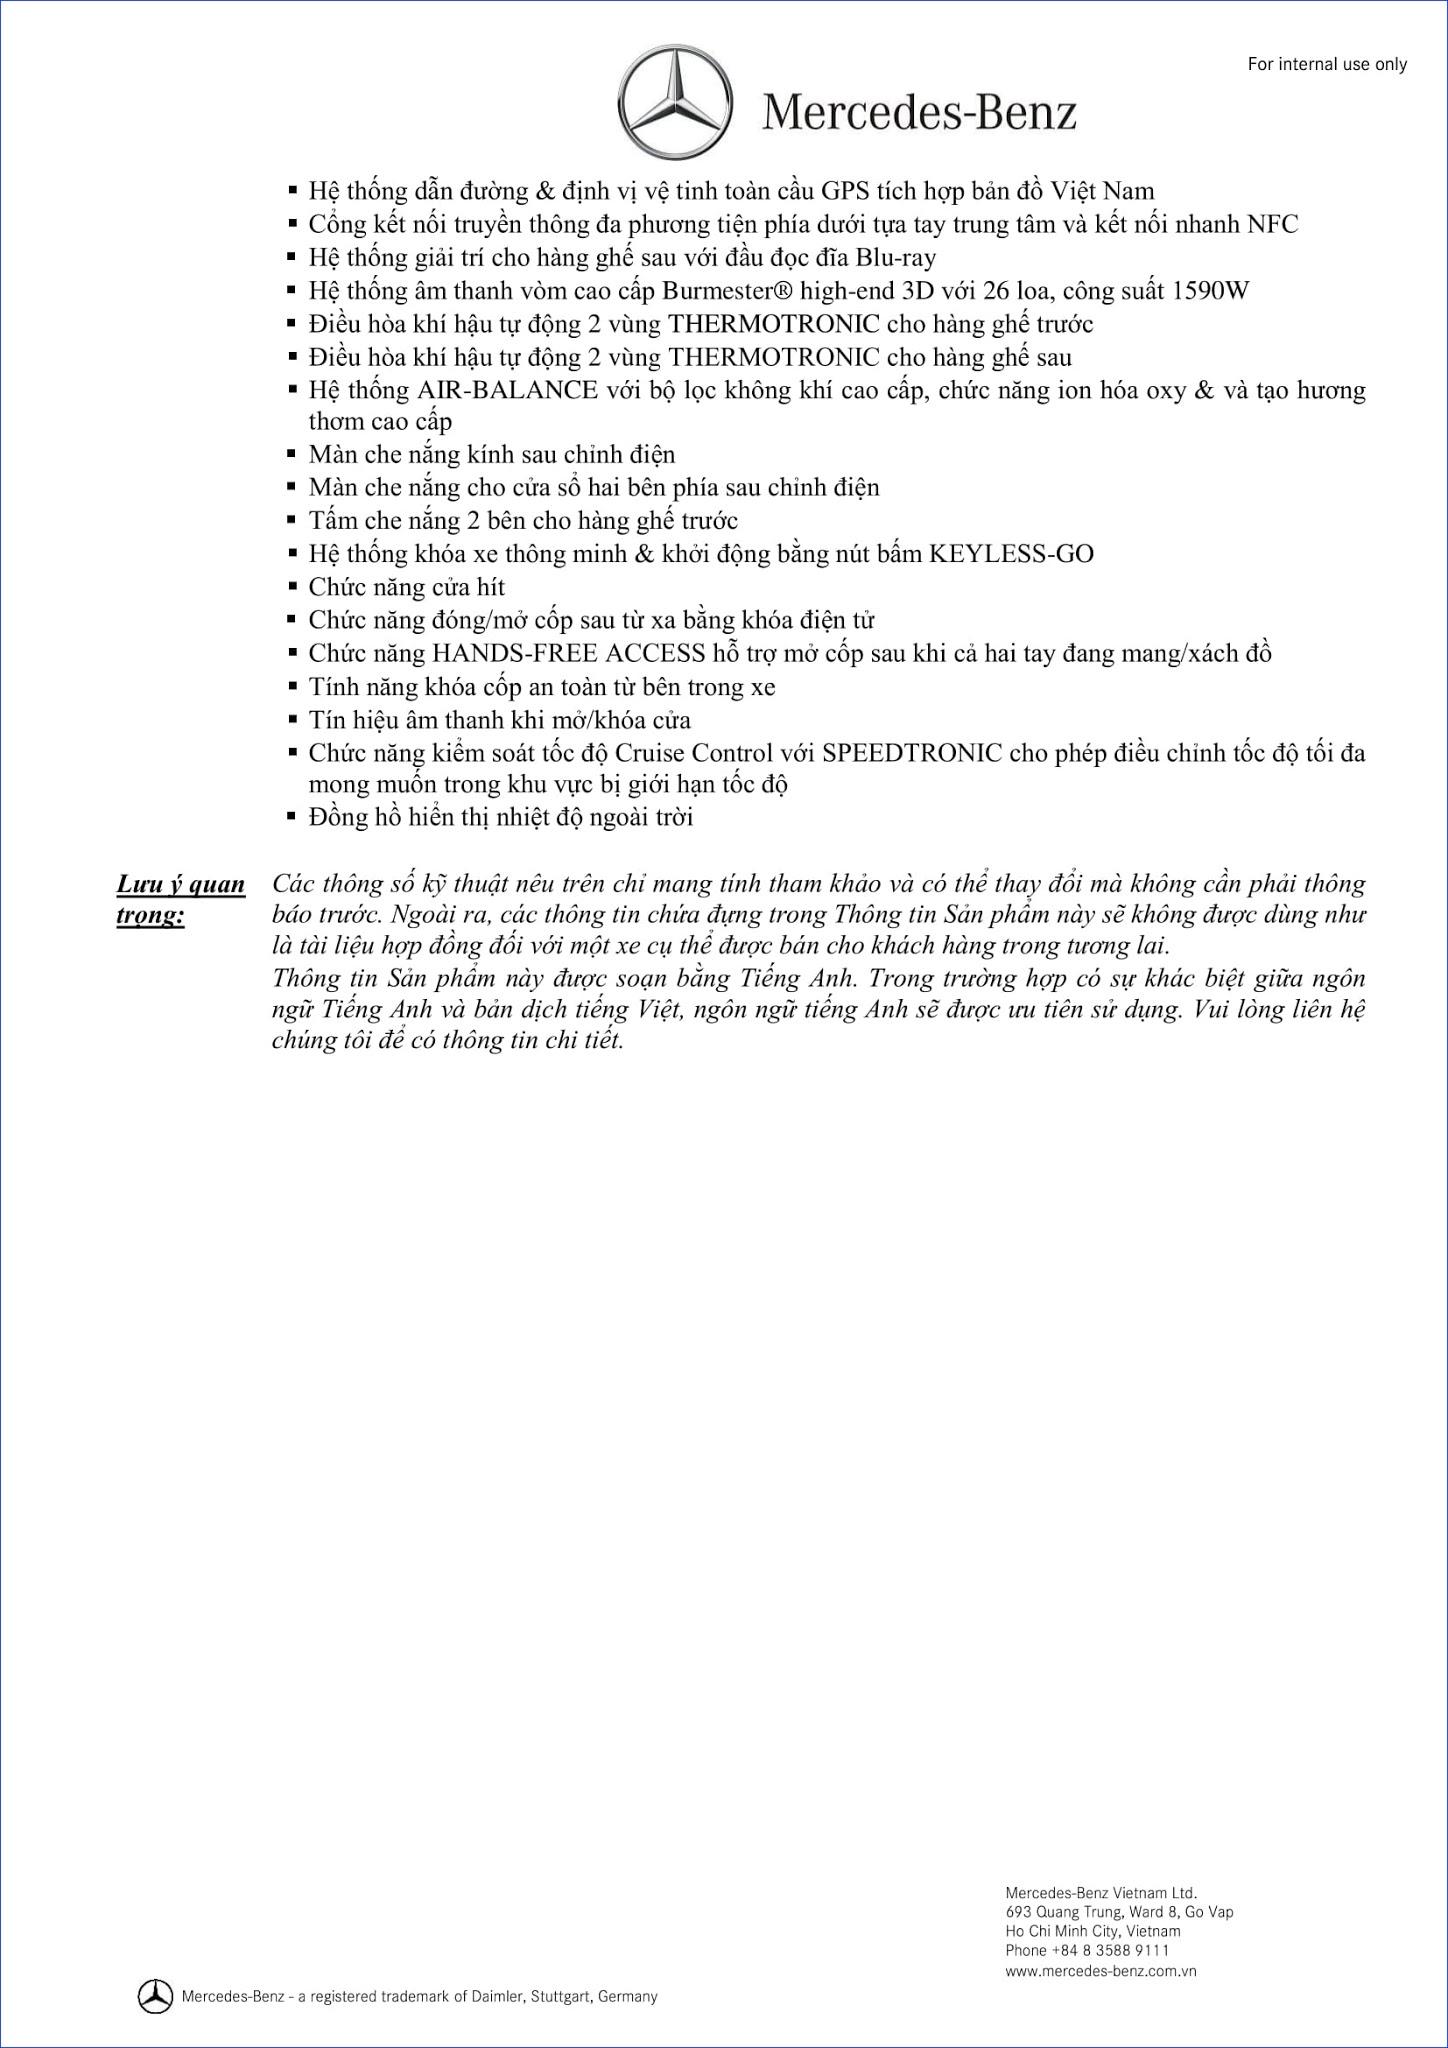 Bảng thông số kỹ thuật Mercedes Maybach S560 4MATIC 2019 tại Mercedes Trường Chinh